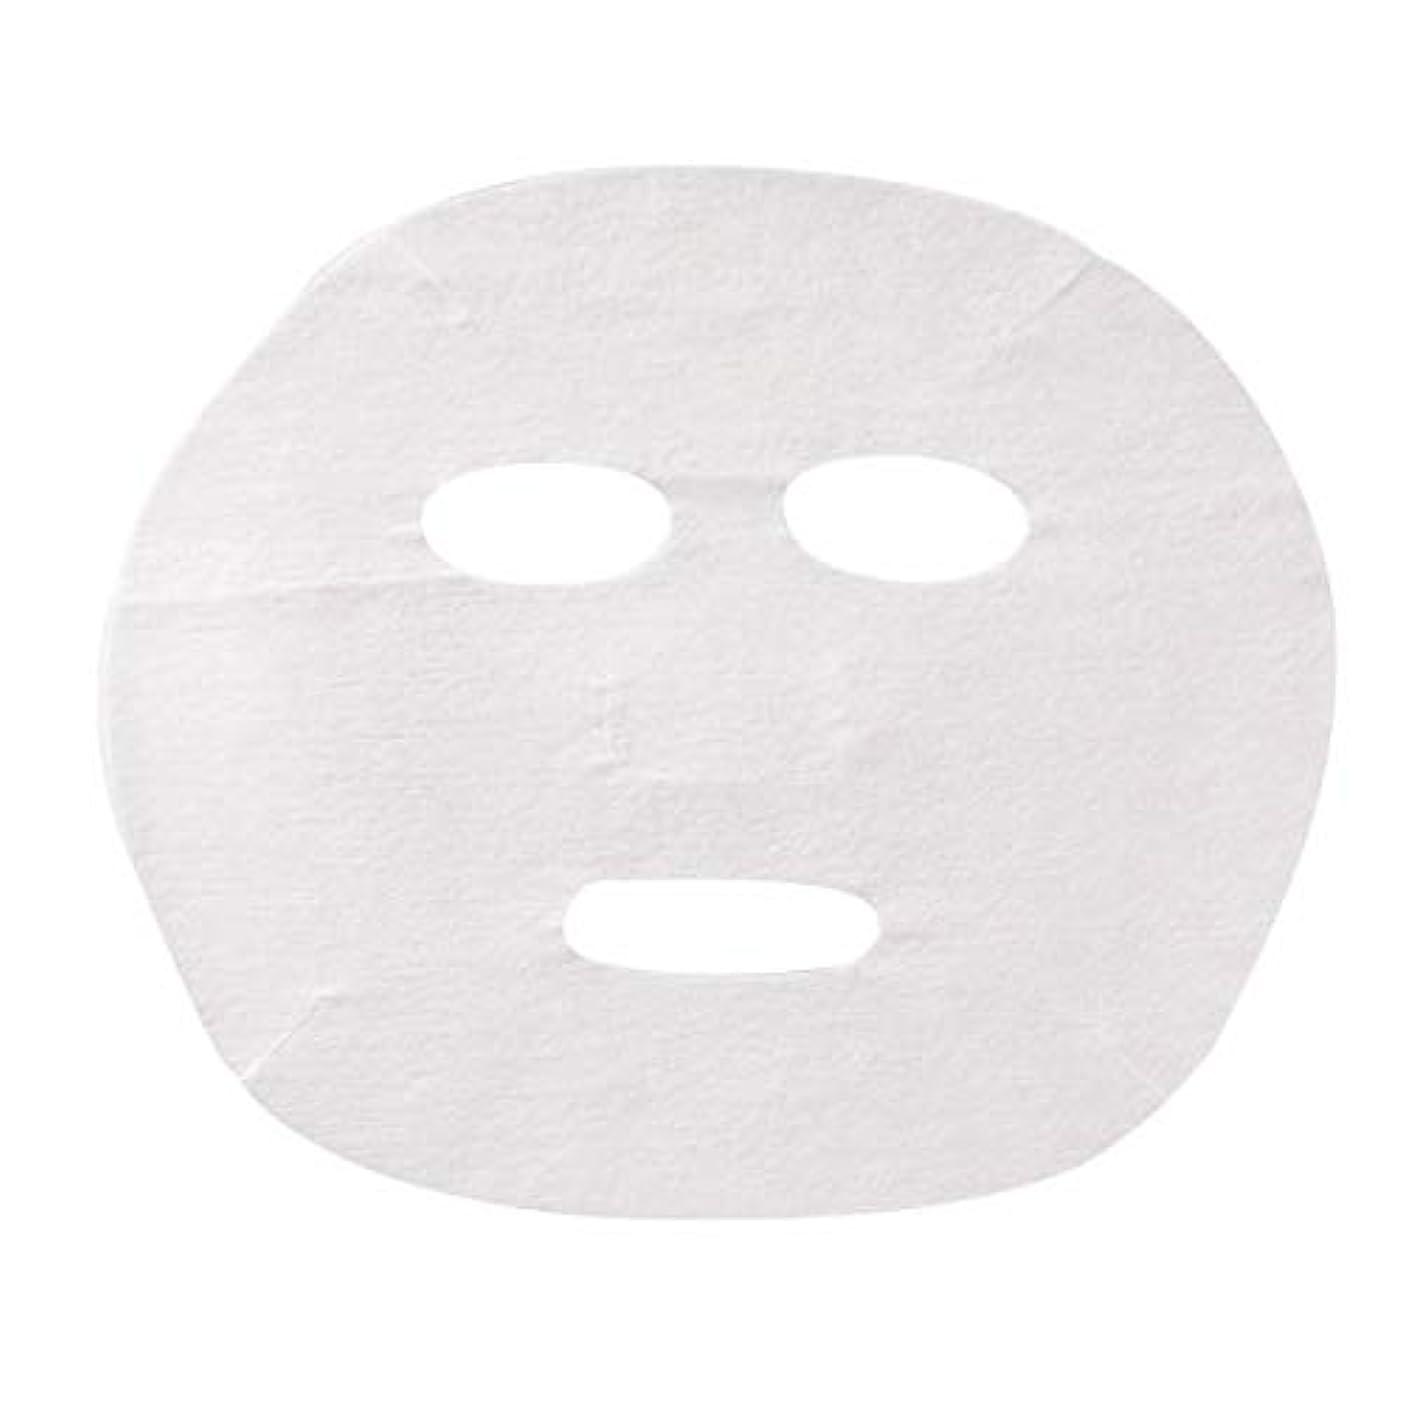 豊富な海峡とフェイシャルシート (薄手タイプ) 70枚入 22.5×18.5cm [ フェイスマスク フェイスシート フェイスパック フェイシャルマスク フェイシャルパック ローションマスク ローションパック フェイス パック マスク ]